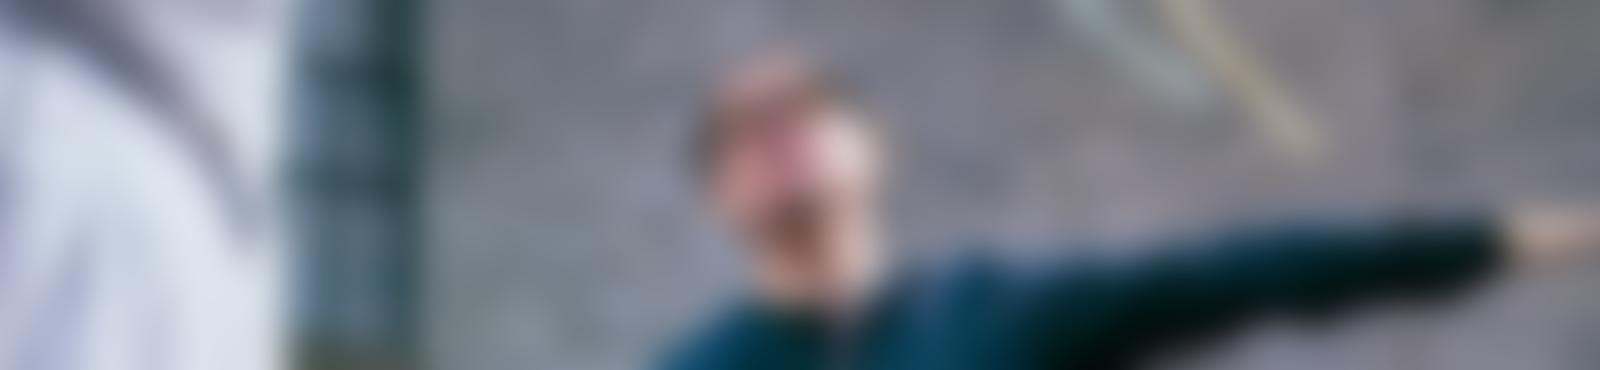 Blurred 0f5a925d c22b 44b5 b6ca 7e14b075fd85